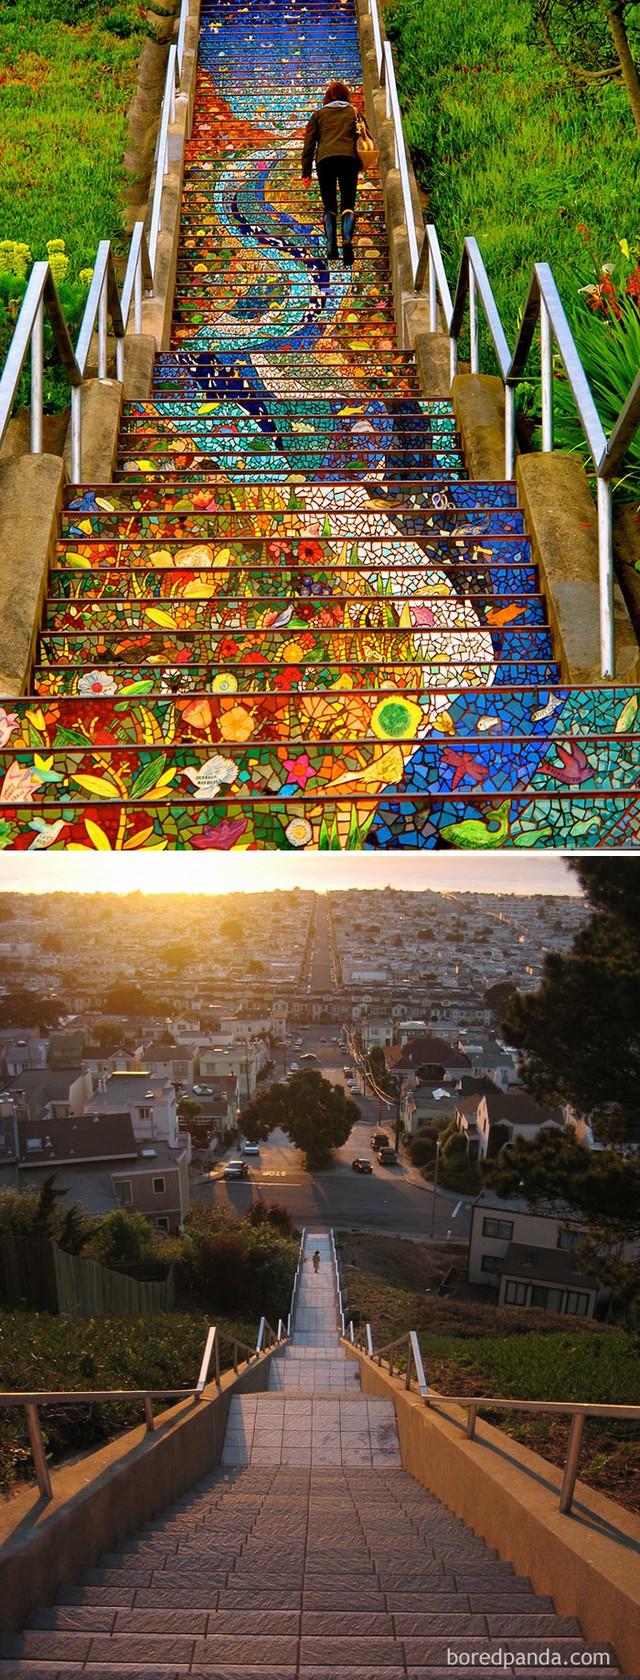 Những bậc cầu thang vô hồn được các họa sĩ biến thành một tác phẩm nghệ thuật công phu.